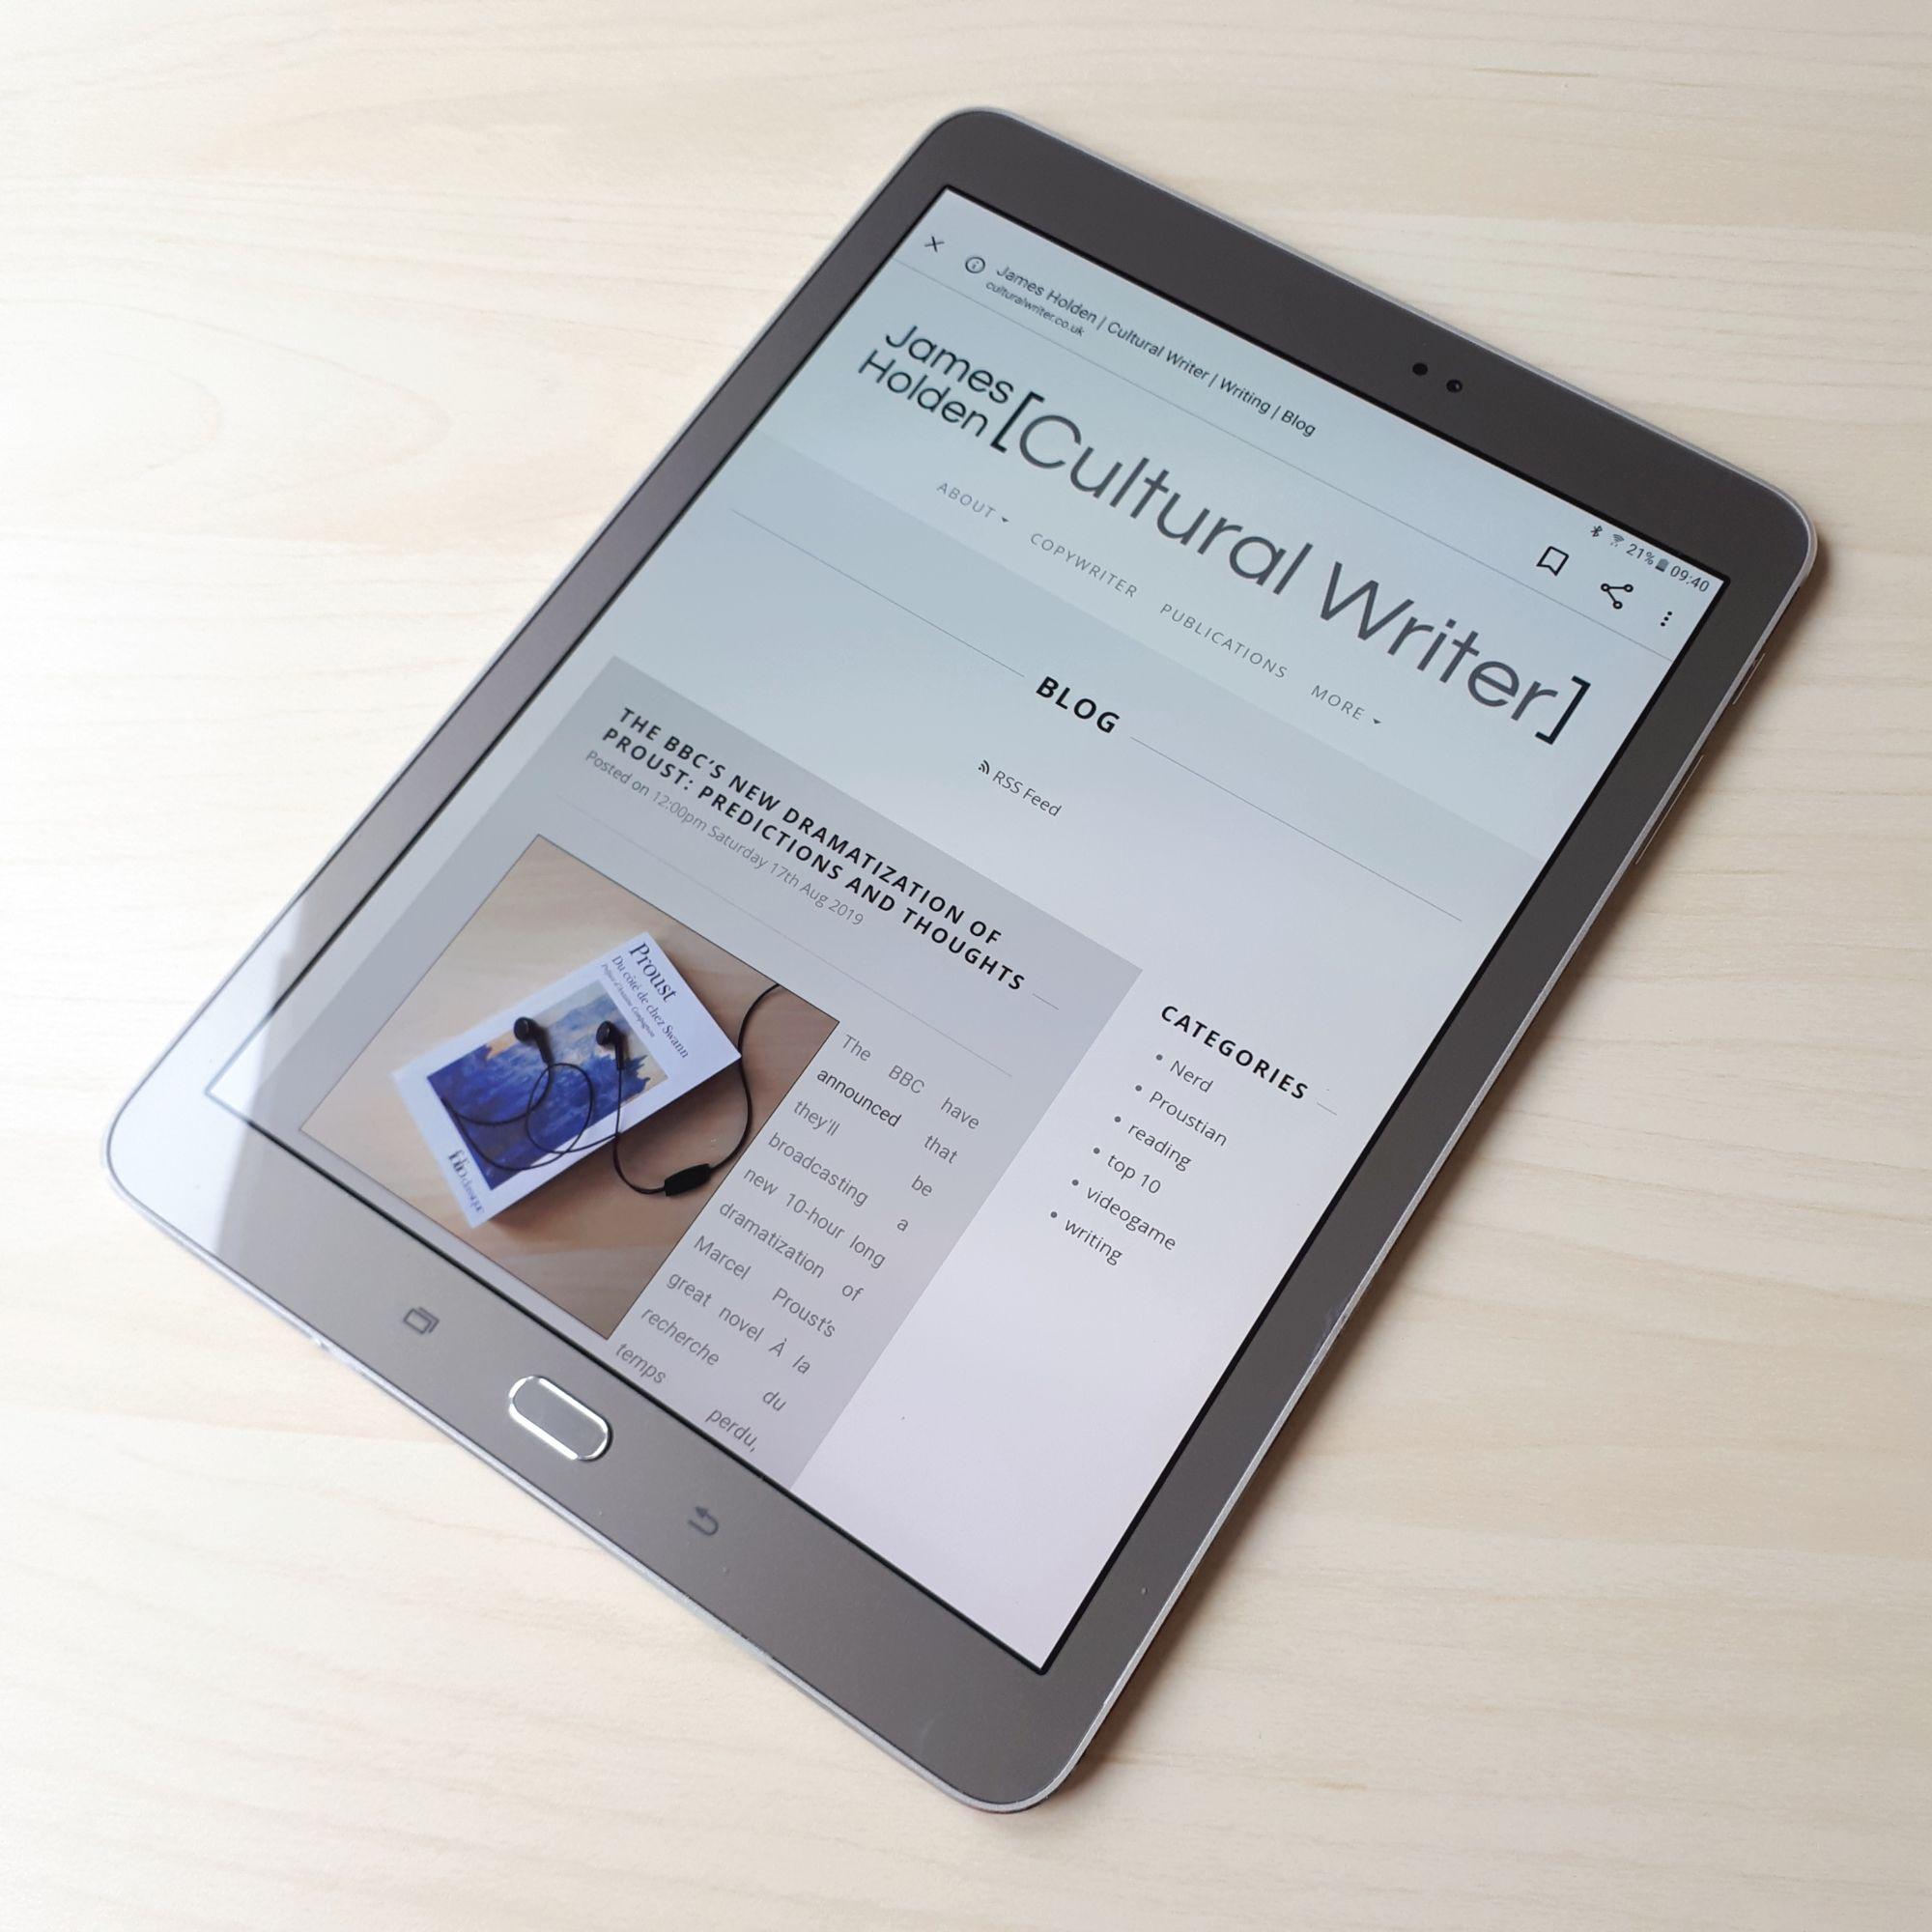 Cultural Writer Blog on Tablet